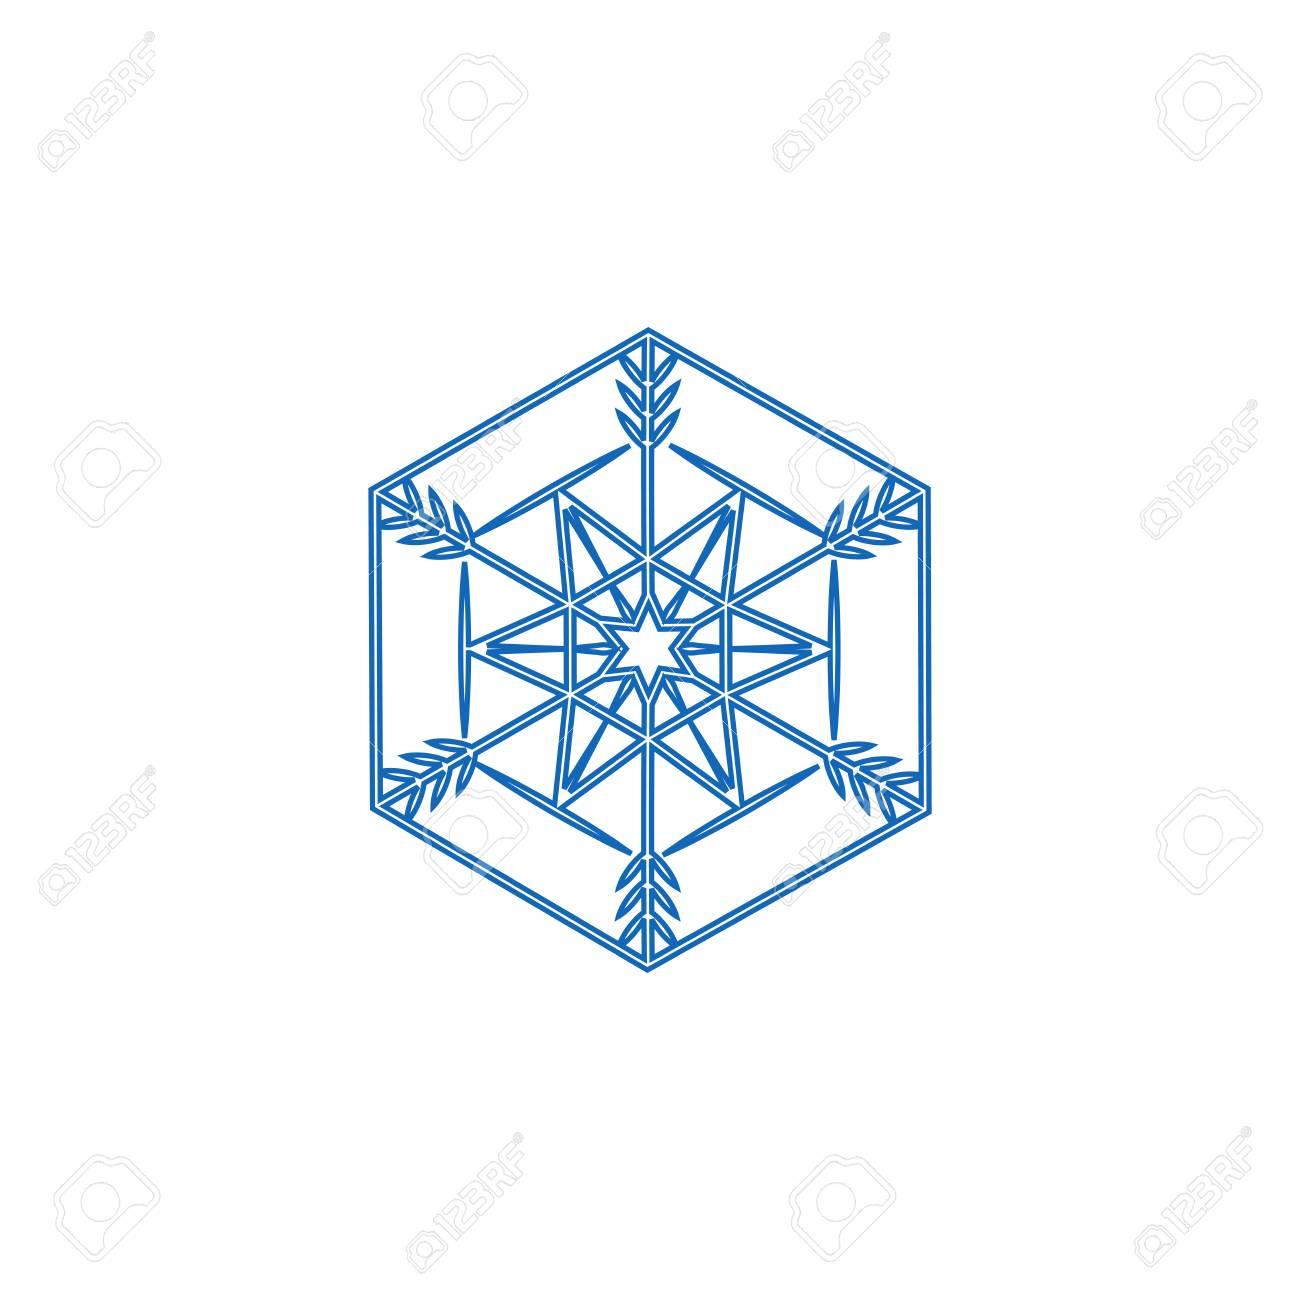 Segno Di Fiocco Di Neve Sagoma Fiocco Blu Disegno Su Sfondo Bianco Simbolo Delle Festività Natalizie Modello Colorato Per Stampe Carta Elemento